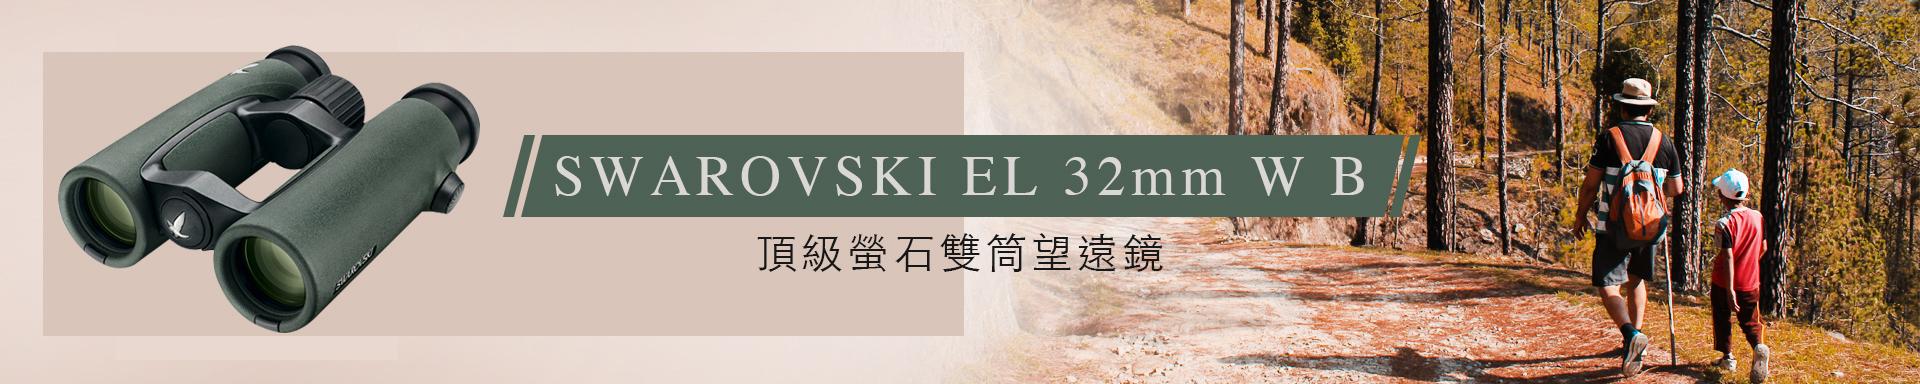 SWAROVSKI EL 10x32 W B 頂級螢石雙筒望遠鏡